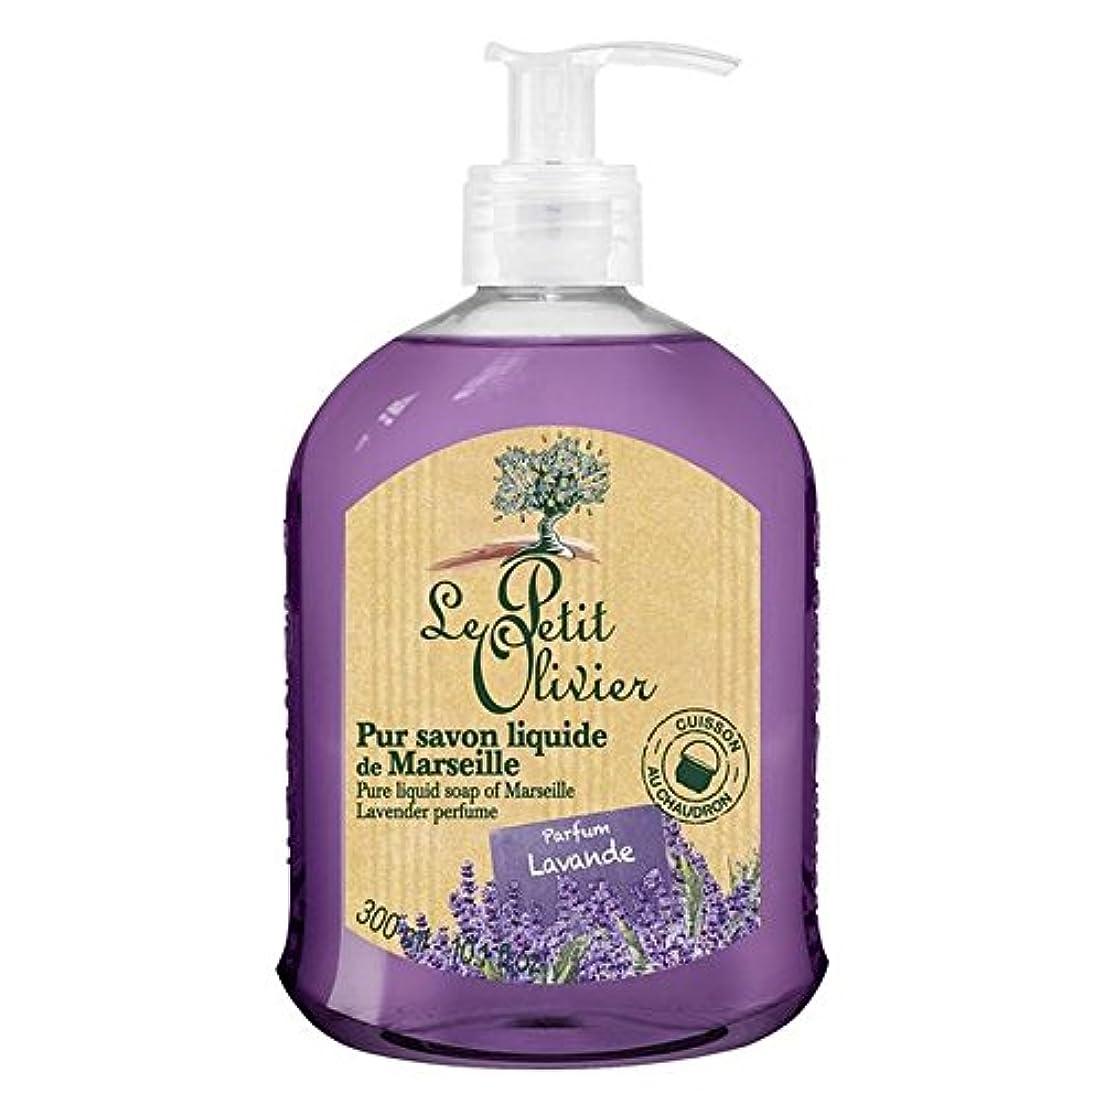 湿気の多い市場ぜいたくマルセイユのル?プティ?オリヴィエ純粋な液体石鹸、ラベンダー300ミリリットル x4 - Le Petit Olivier Pure Liquid Soap of Marseille, Lavender 300ml (Pack...